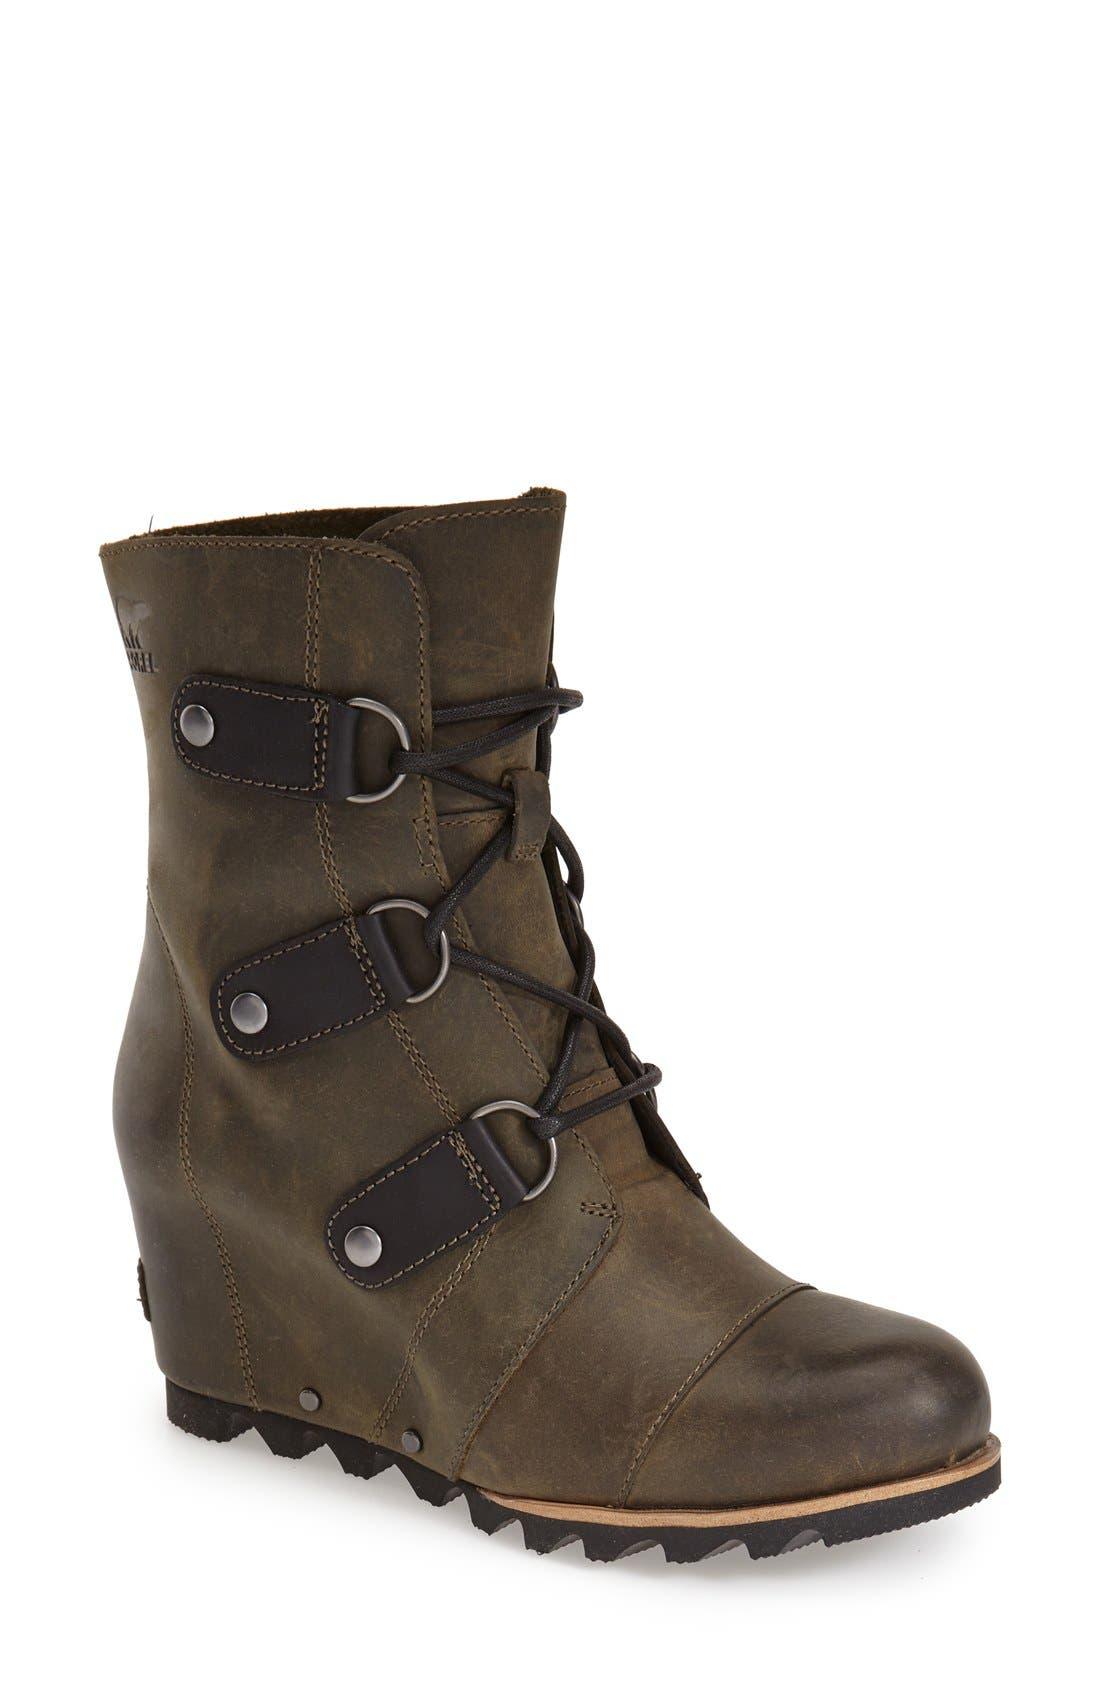 'Joan of Arctic' Waterproof Wedge Boot,                             Main thumbnail 10, color,